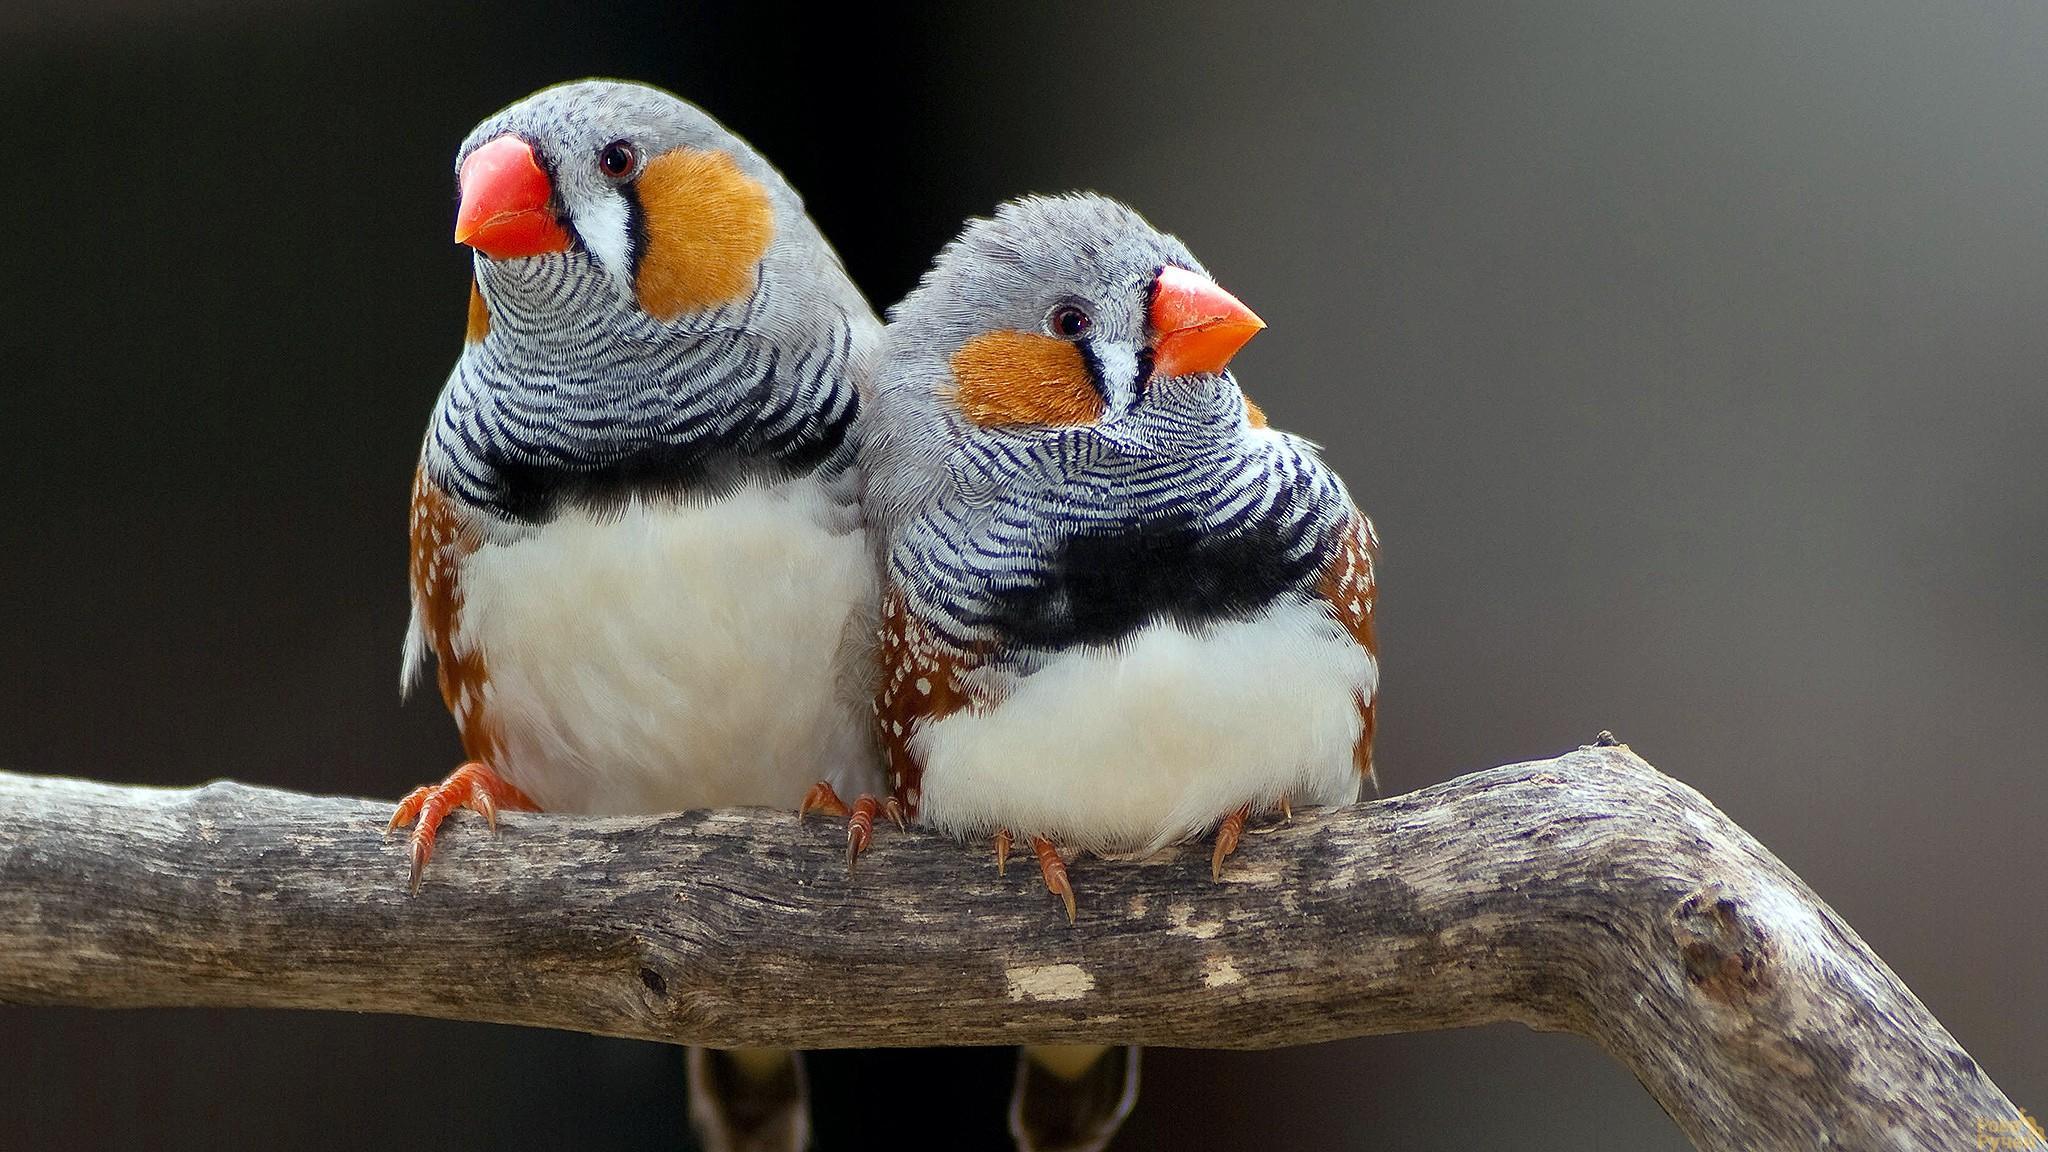 Ученые превратили активность птичьего мозга в песню